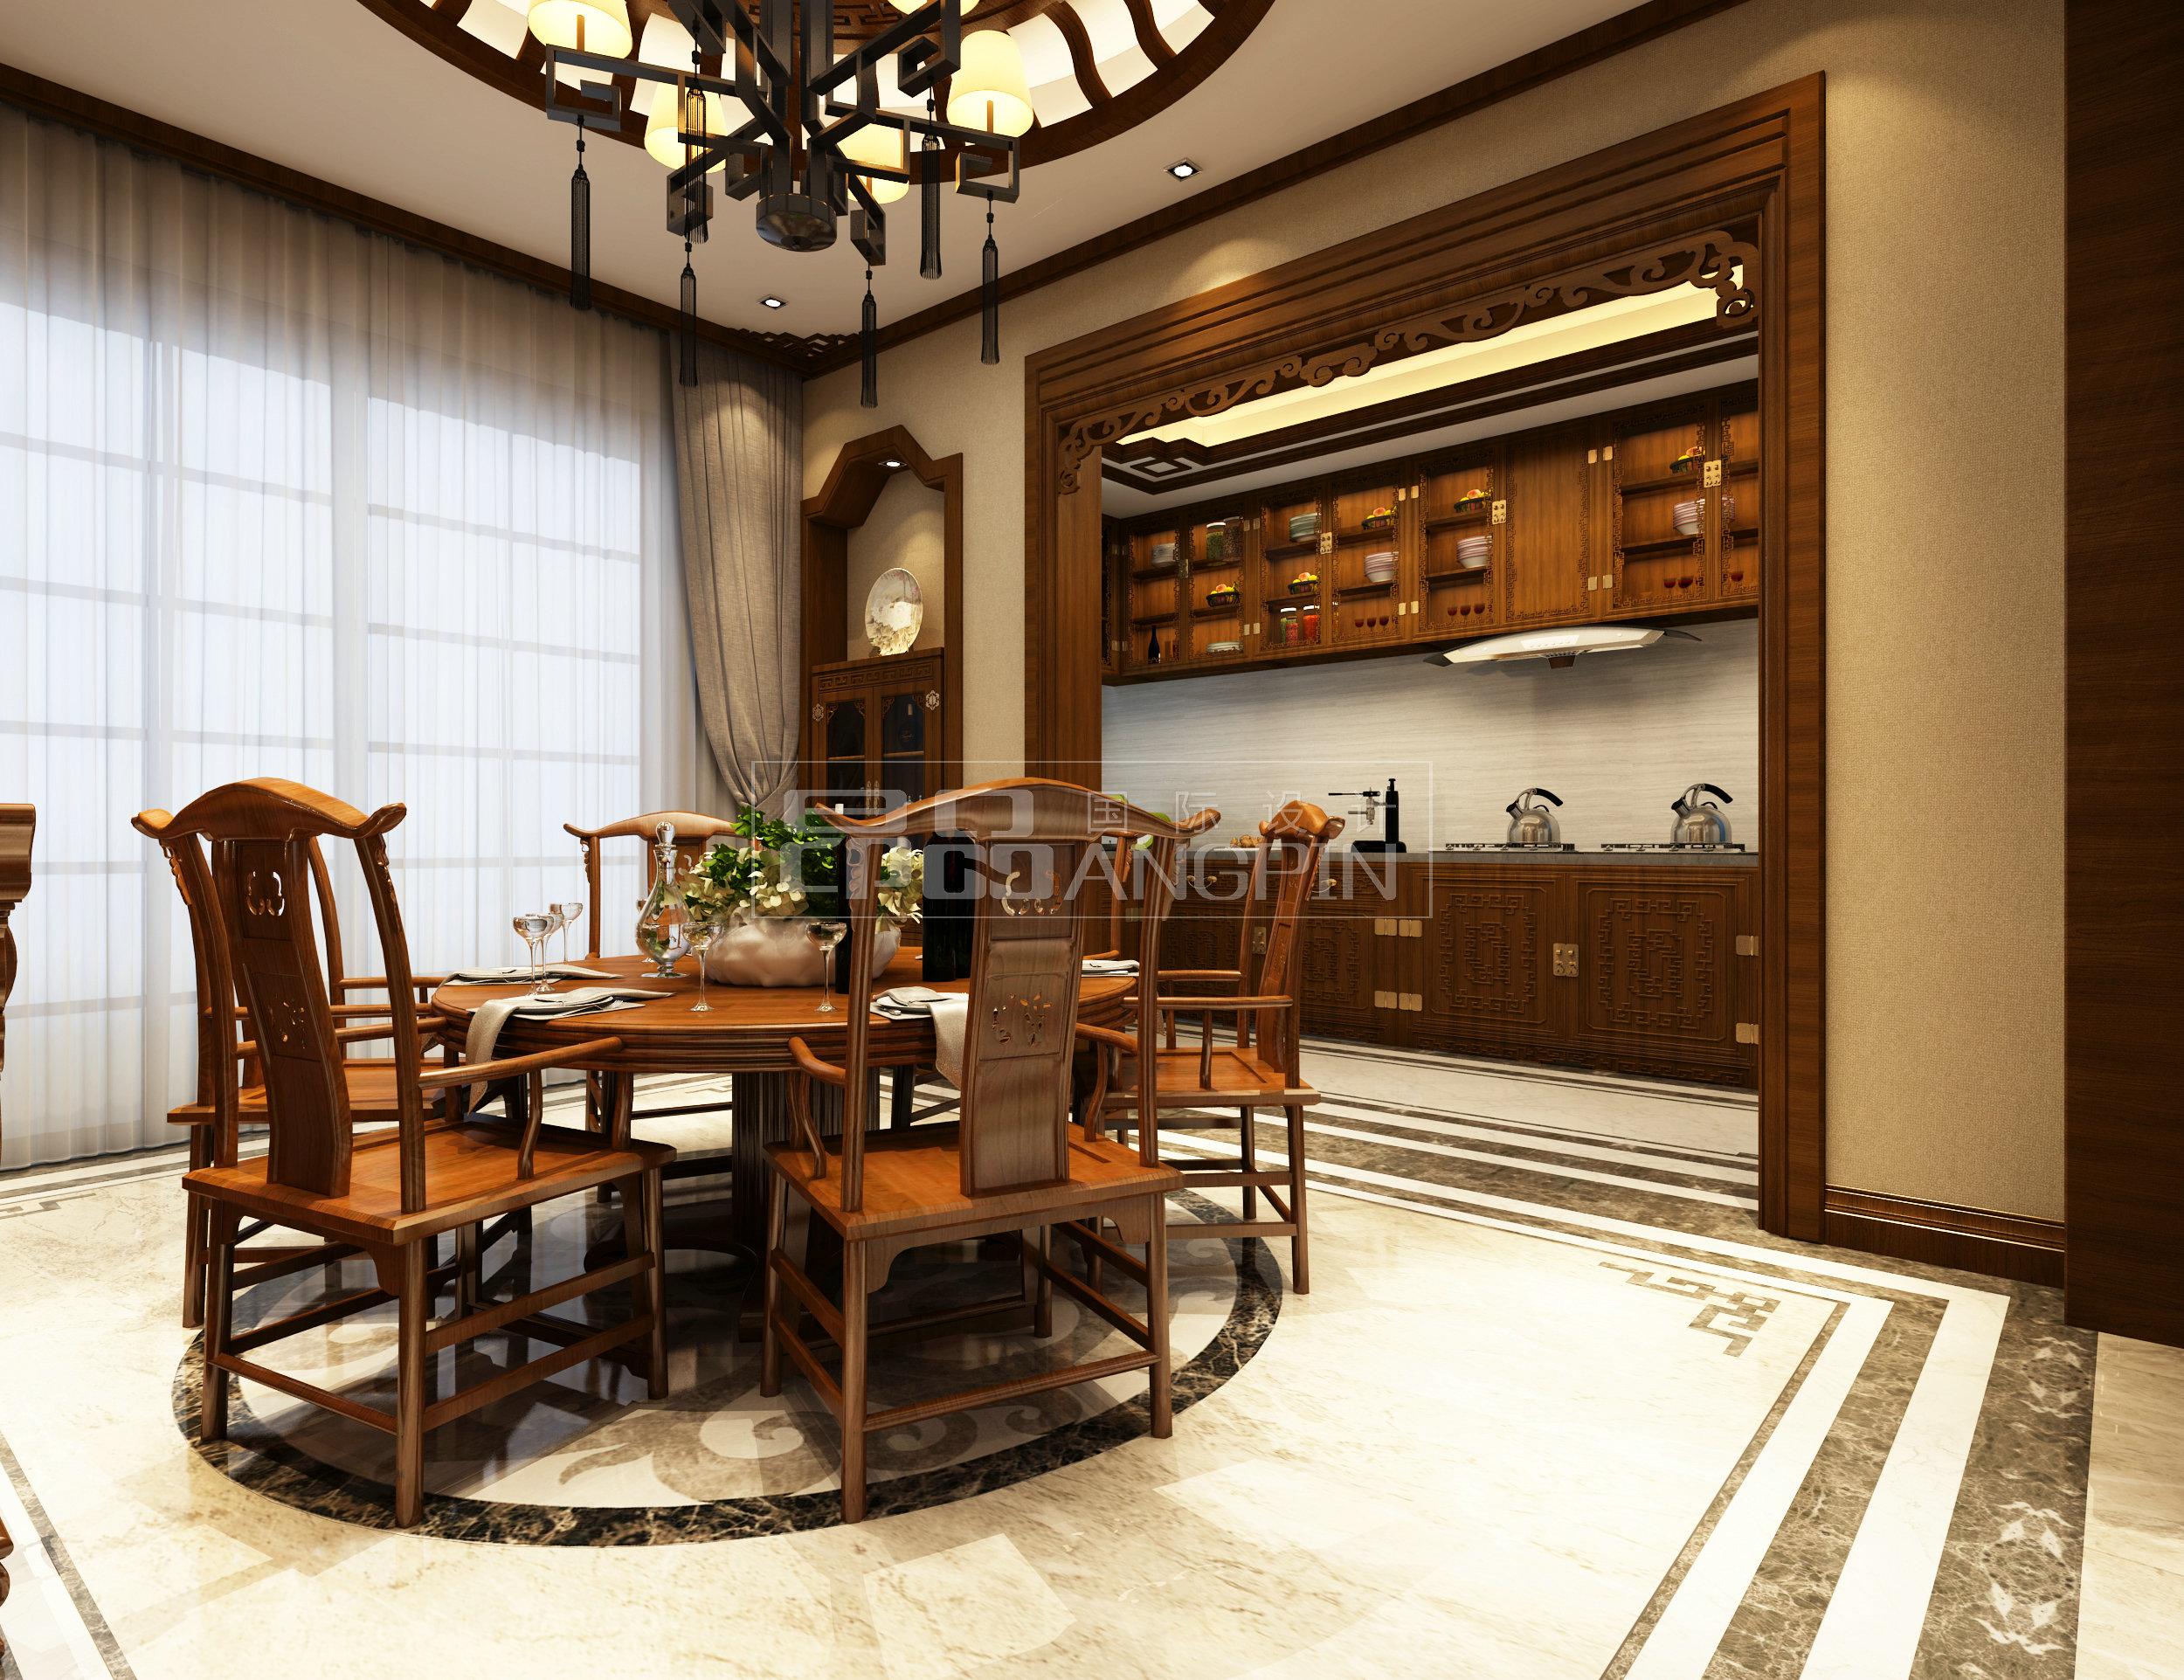 贵阳碧桂园别墅花园装修案例,中式风格园林设计!